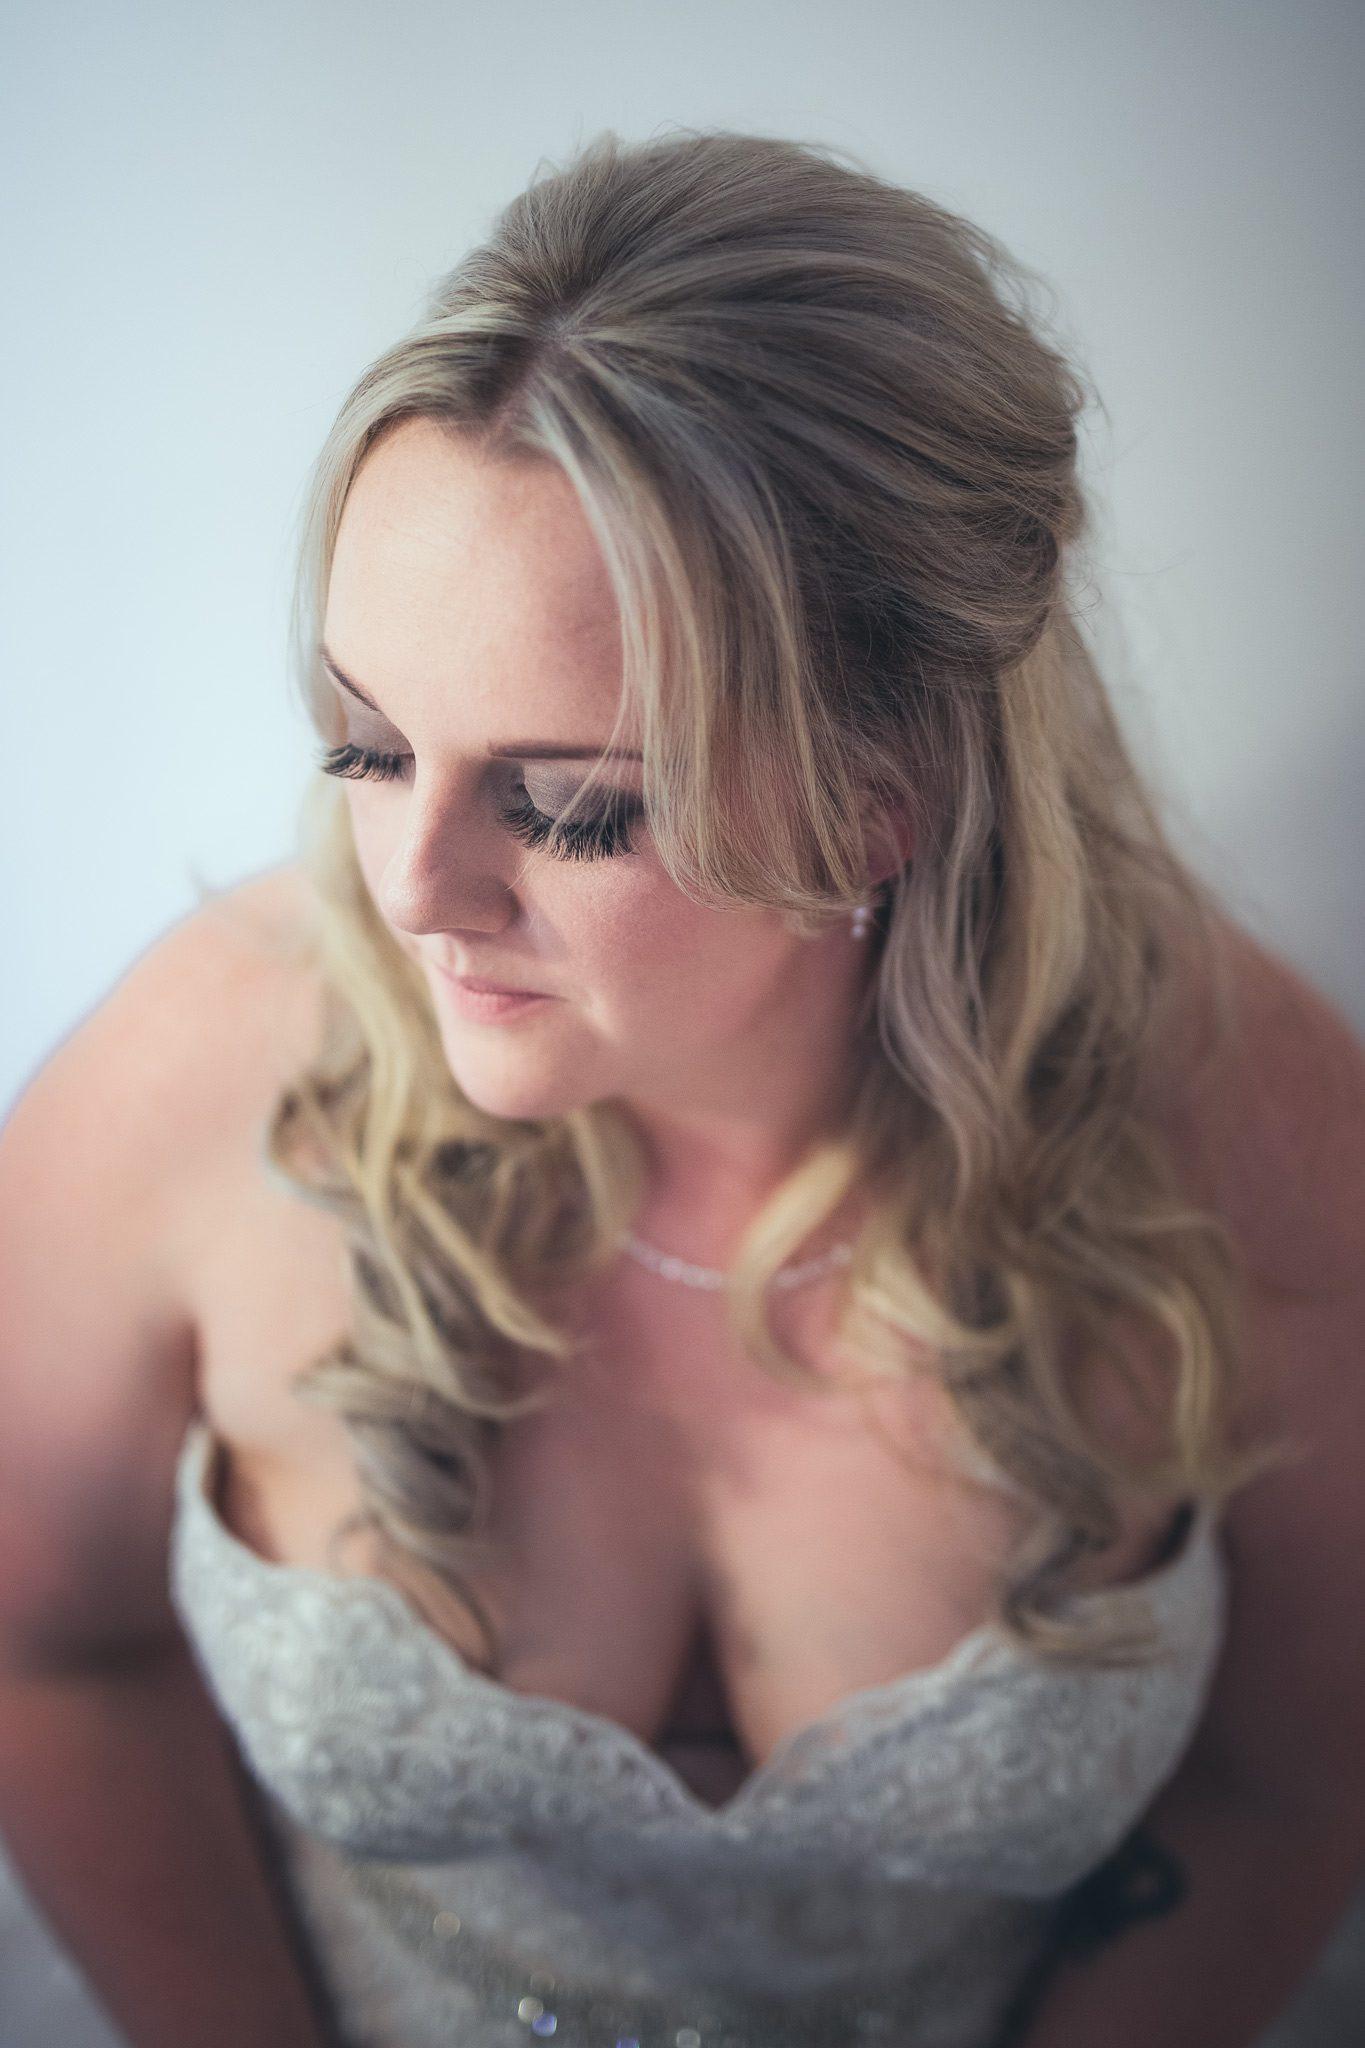 Buxton Wedding Photographer - The Leed Wood Hotel